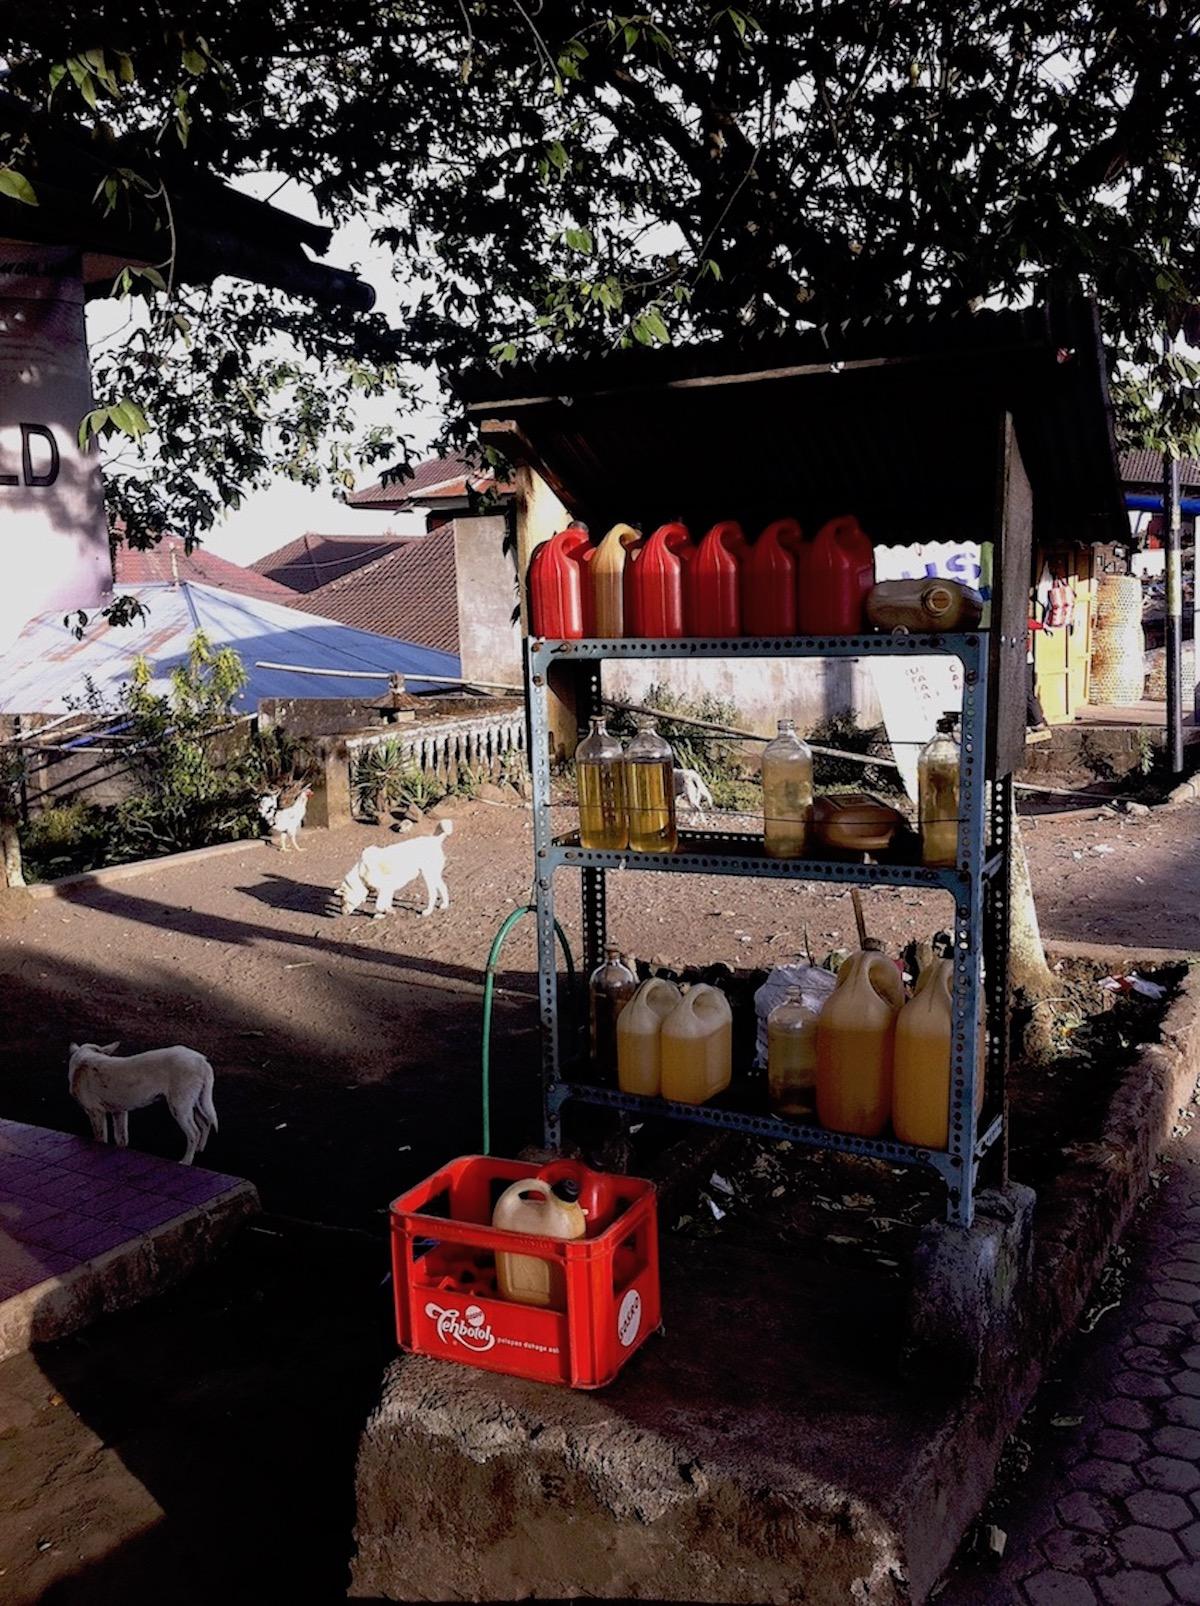 Gas station, Bali. Photo: Patti